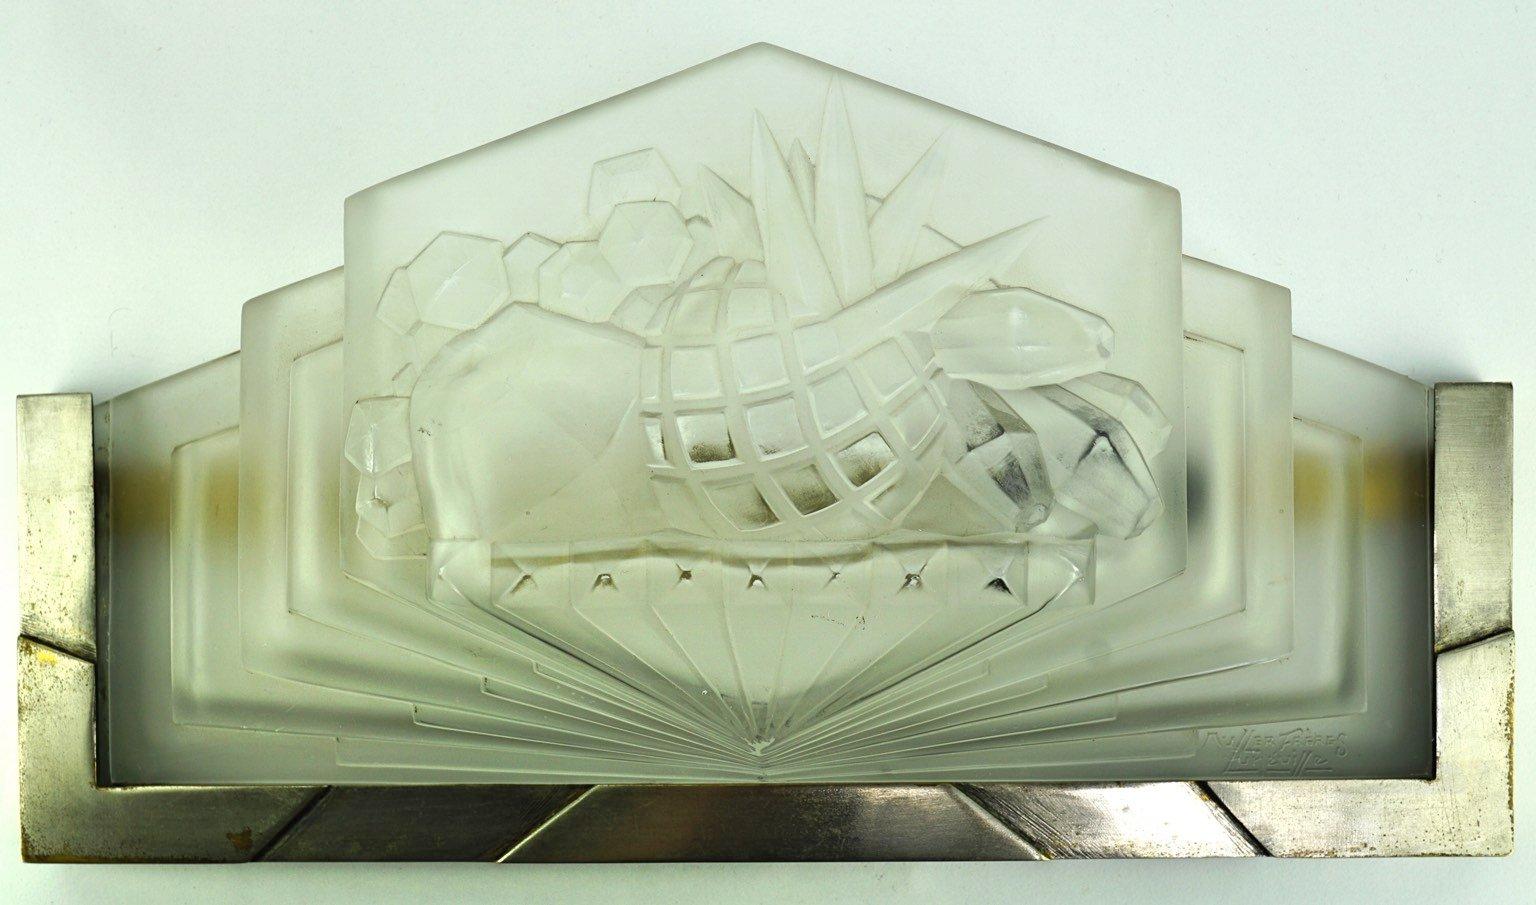 Art Deco Wandleuchten aus gepresstem Glas von Muller Frères, 1930er